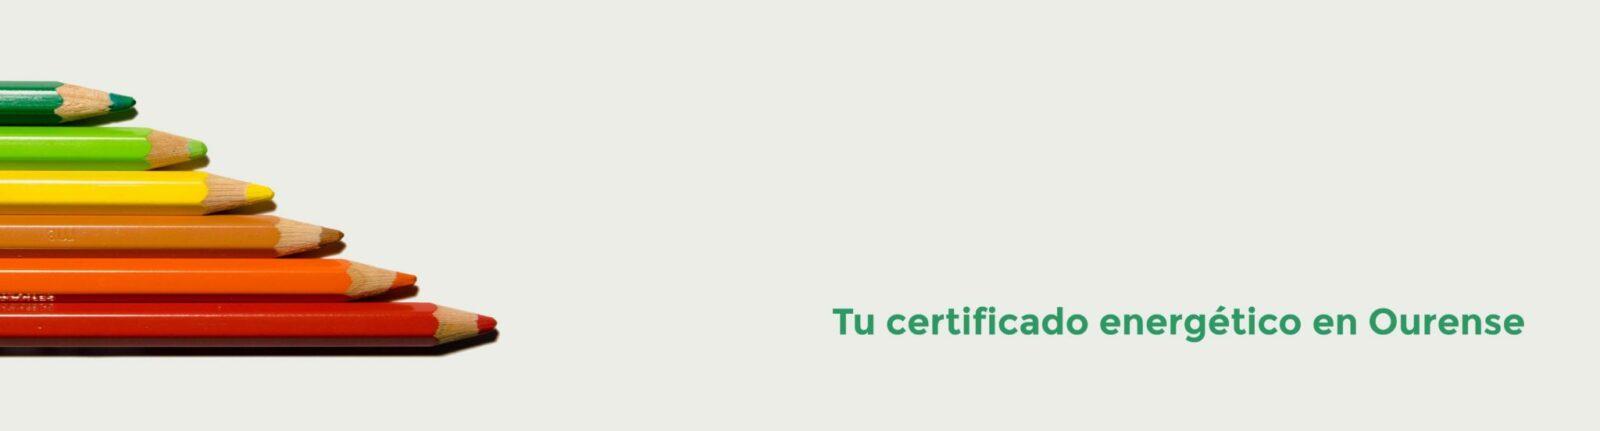 certificado energetico ourense informacion